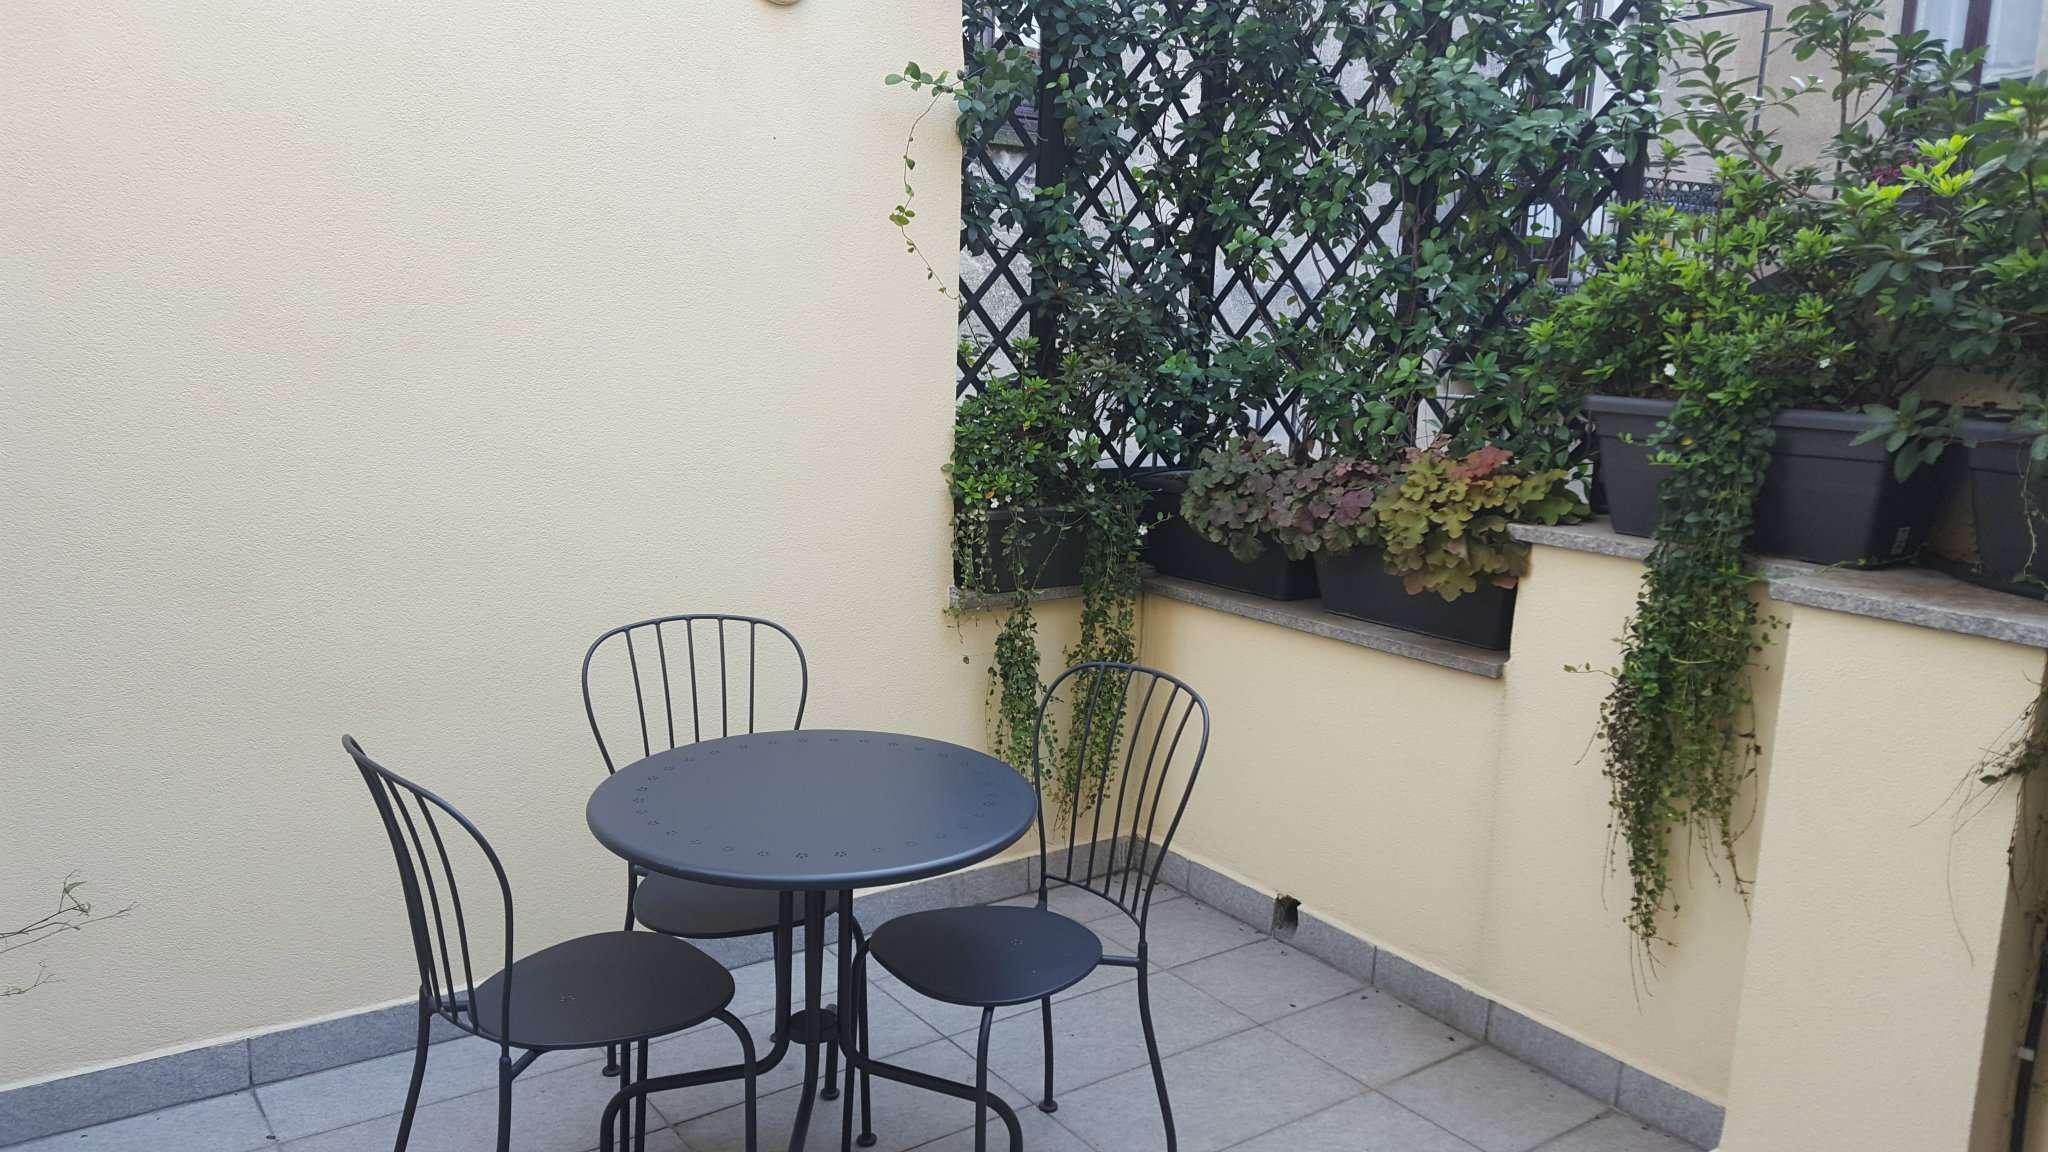 Appartamento in affitto a Milano, 2 locali, zona Zona: 1 . Centro Storico, Duomo, Brera, Cadorna, Cattolica, prezzo € 2.330 | CambioCasa.it